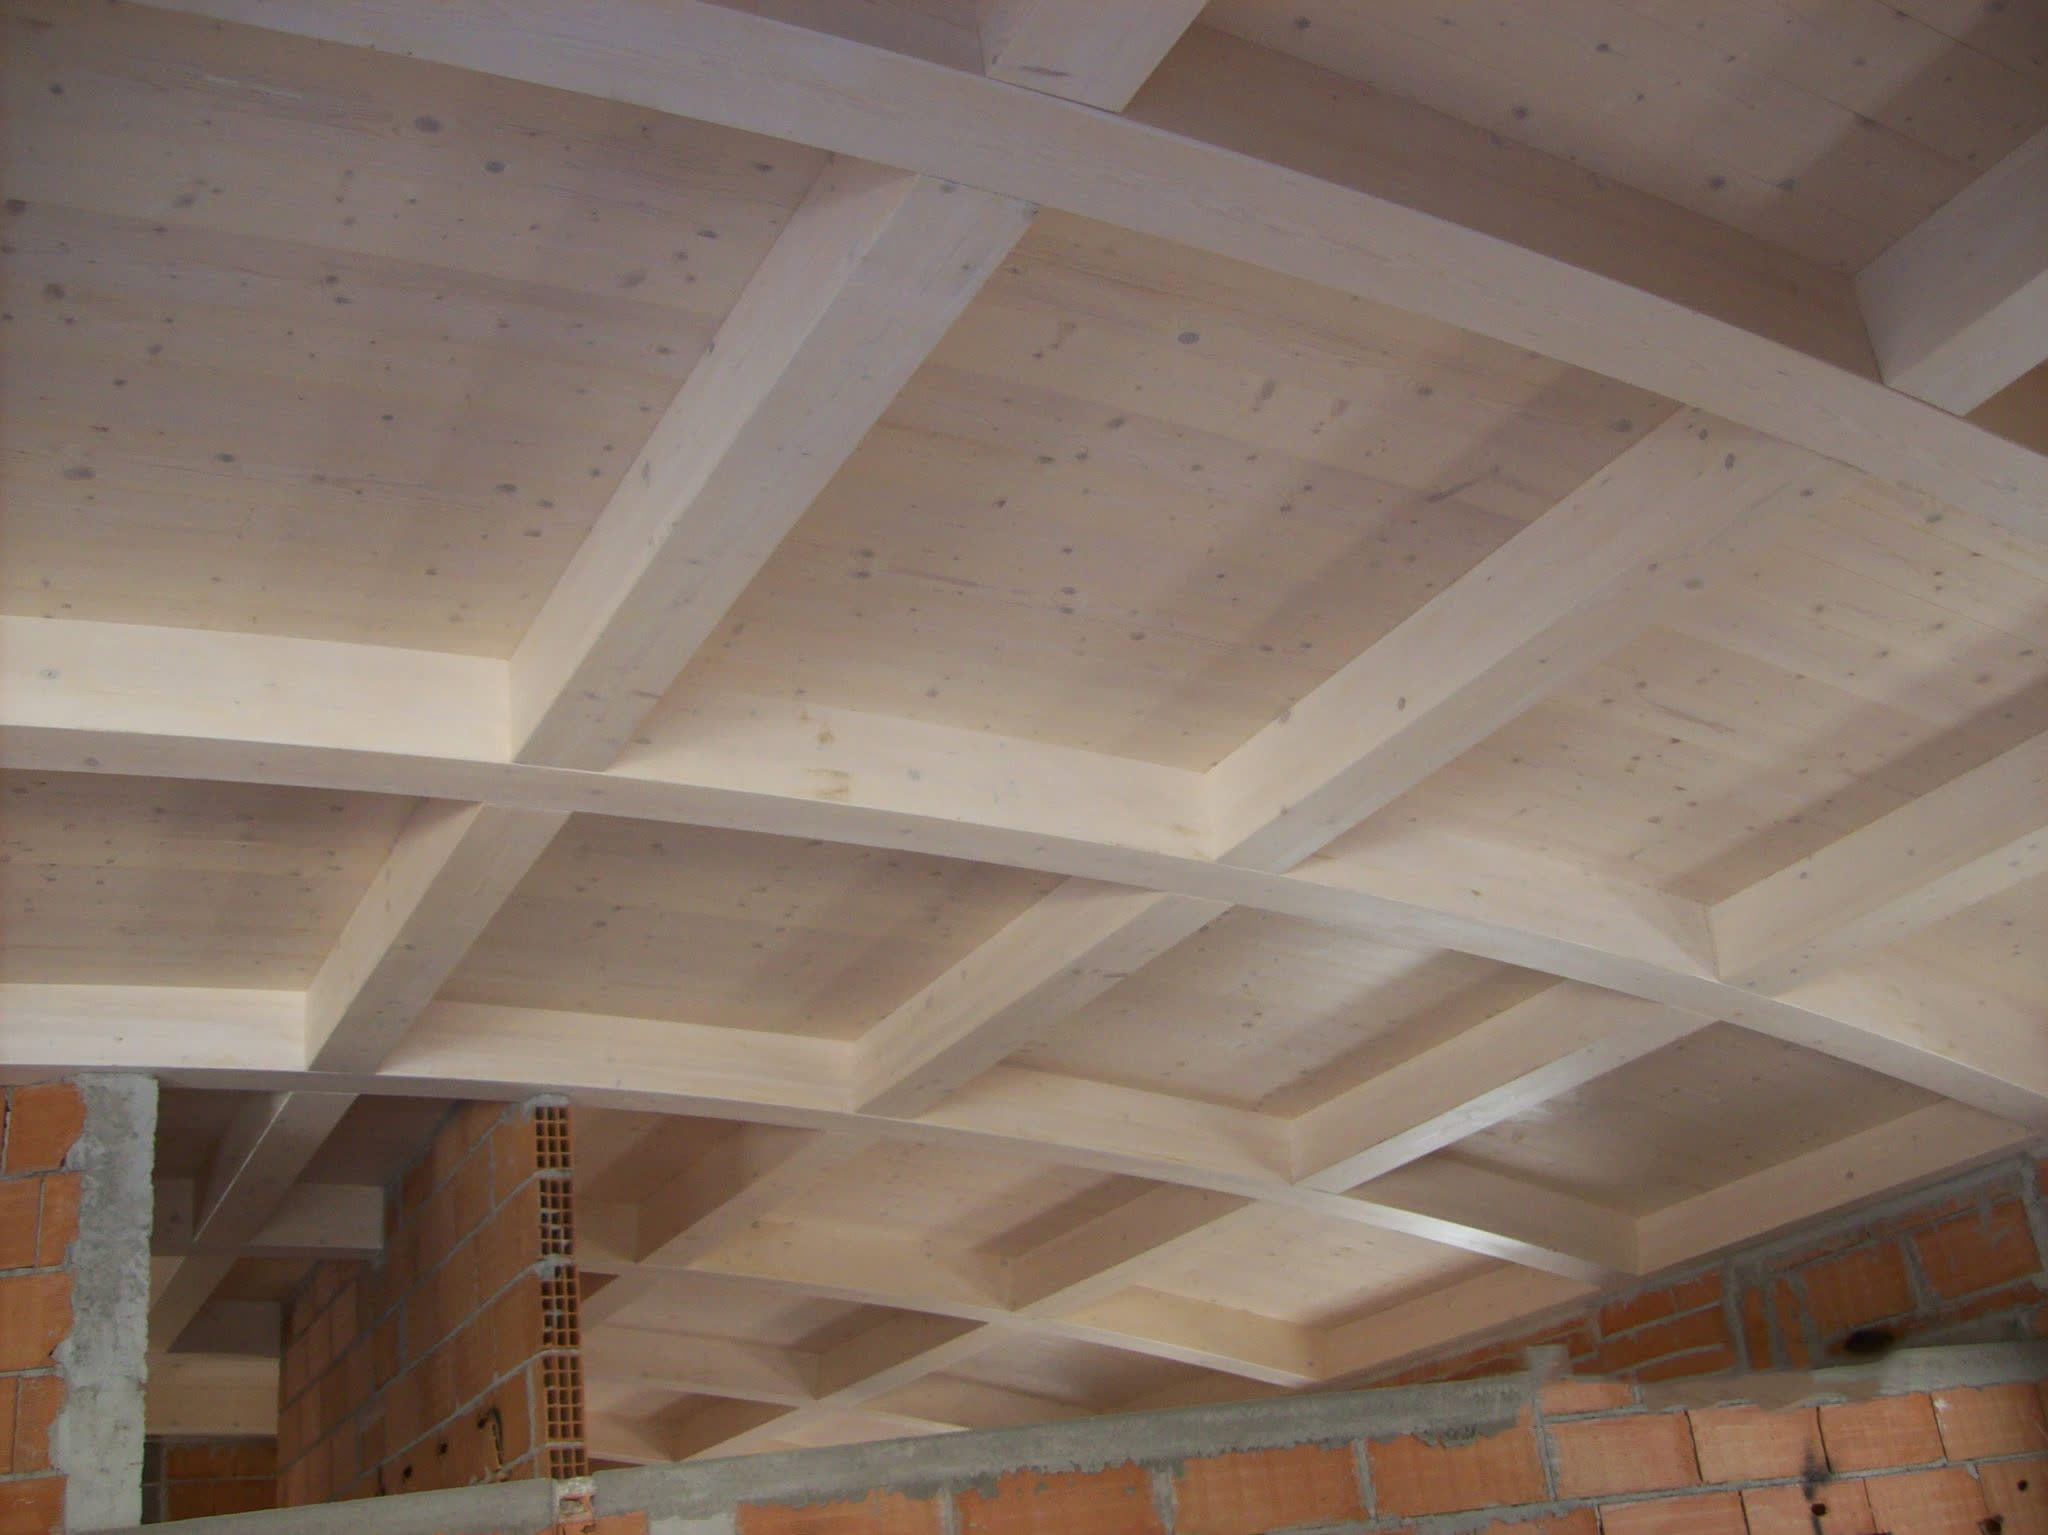 Abitazione aurora carpenteria battisti torcegno trentino - Legno sbiancato tetto ...